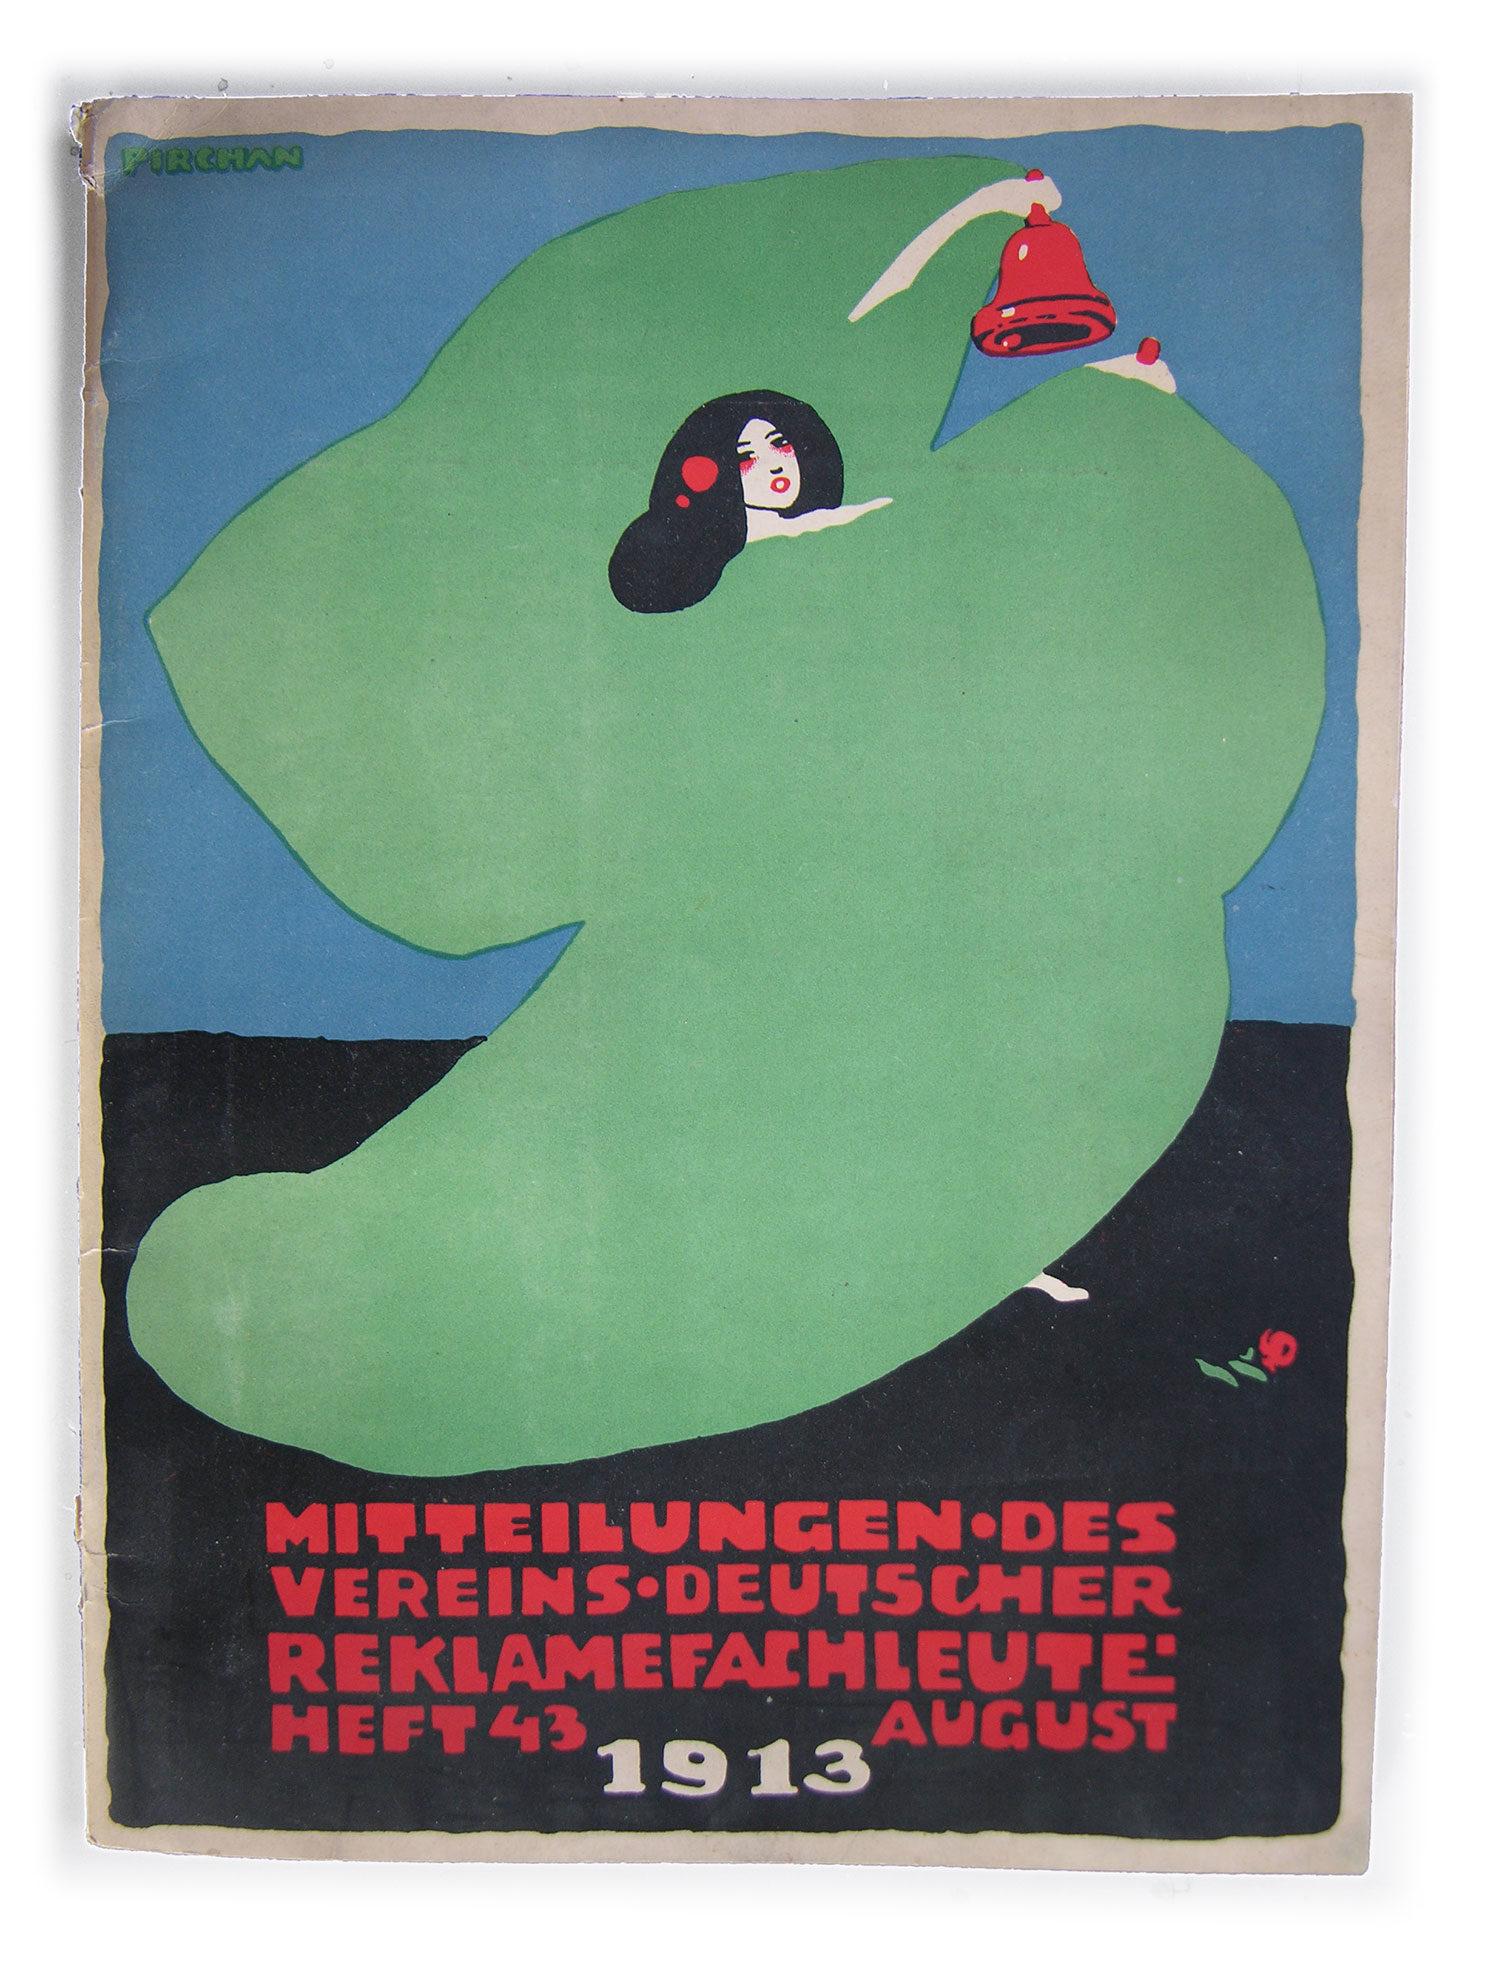 Emil Pirchan, Universalkünstler